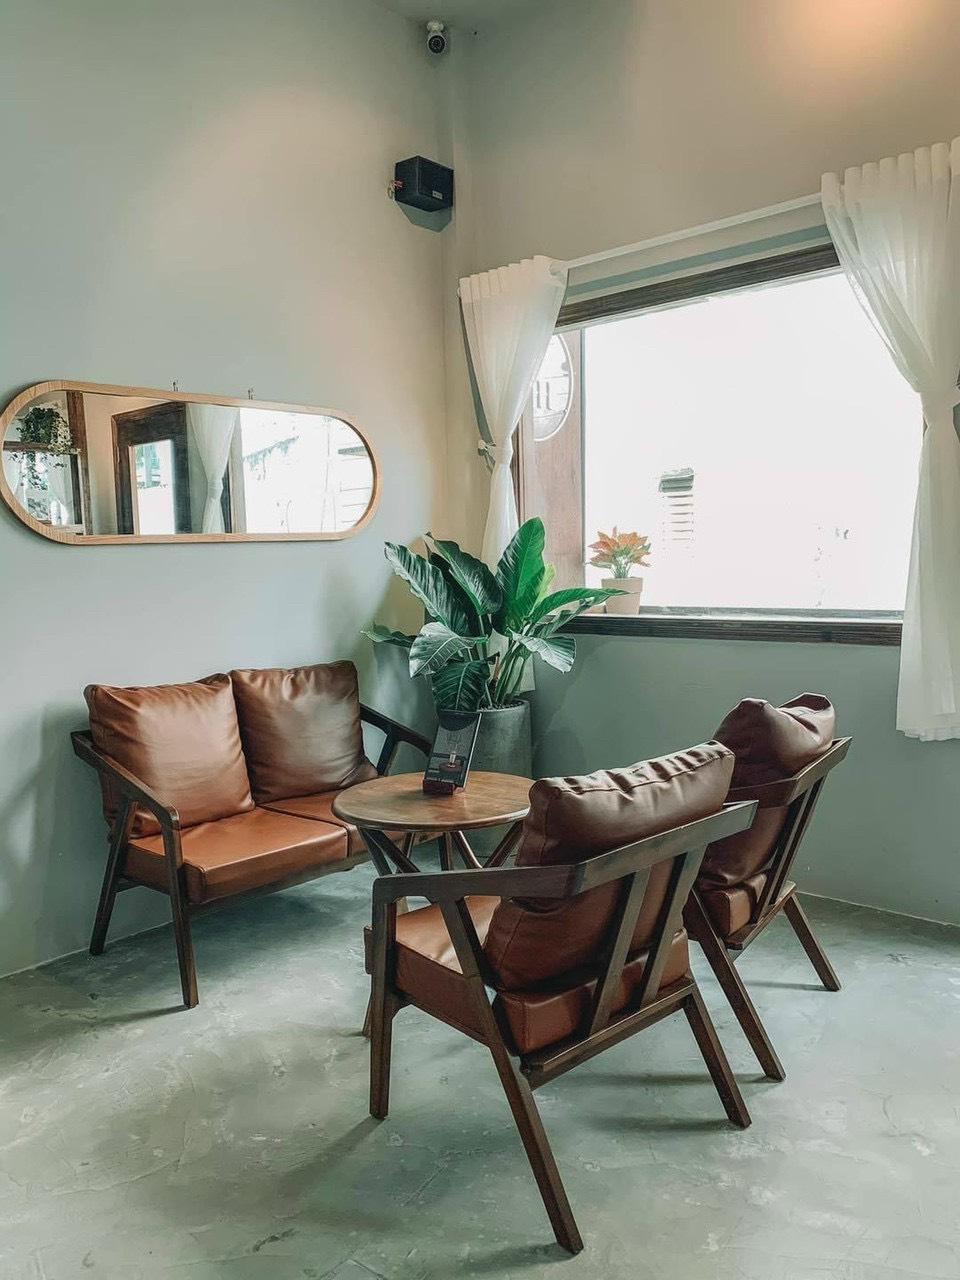 Mẫu bàn ghế cafe đệm da thanh lý rất đẹp, lịch sự được nhiều chủ quán ưa mắt